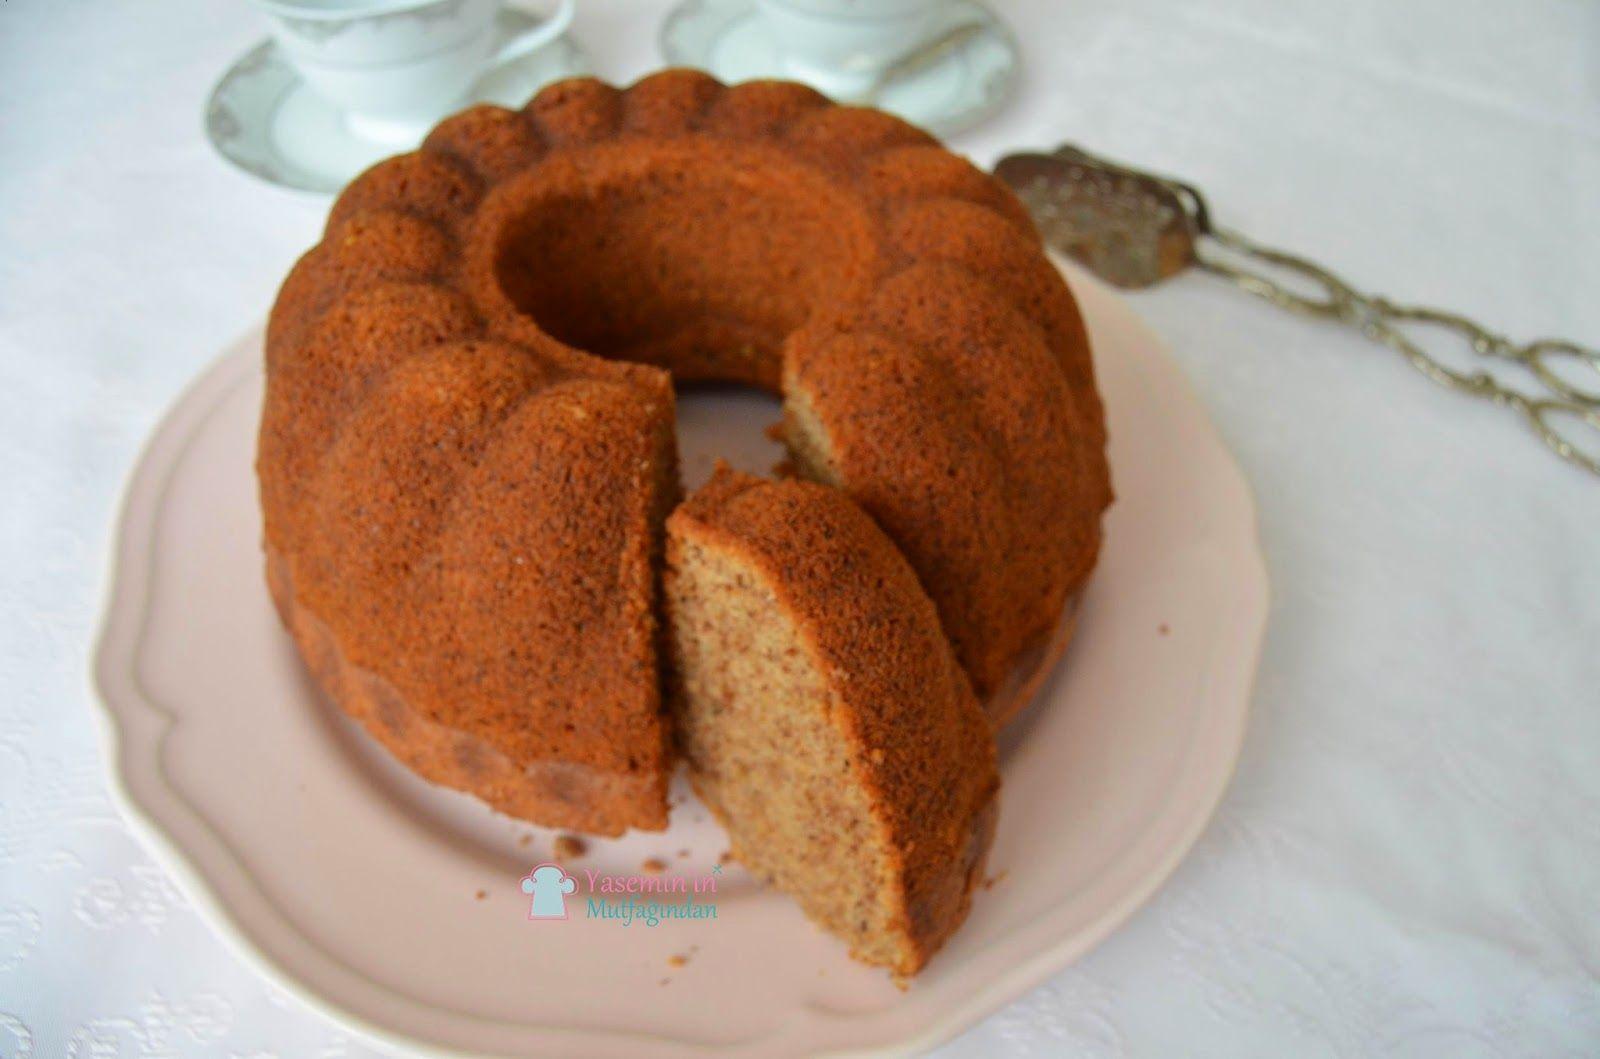 Sodalı Cevizli Portakallı Kek